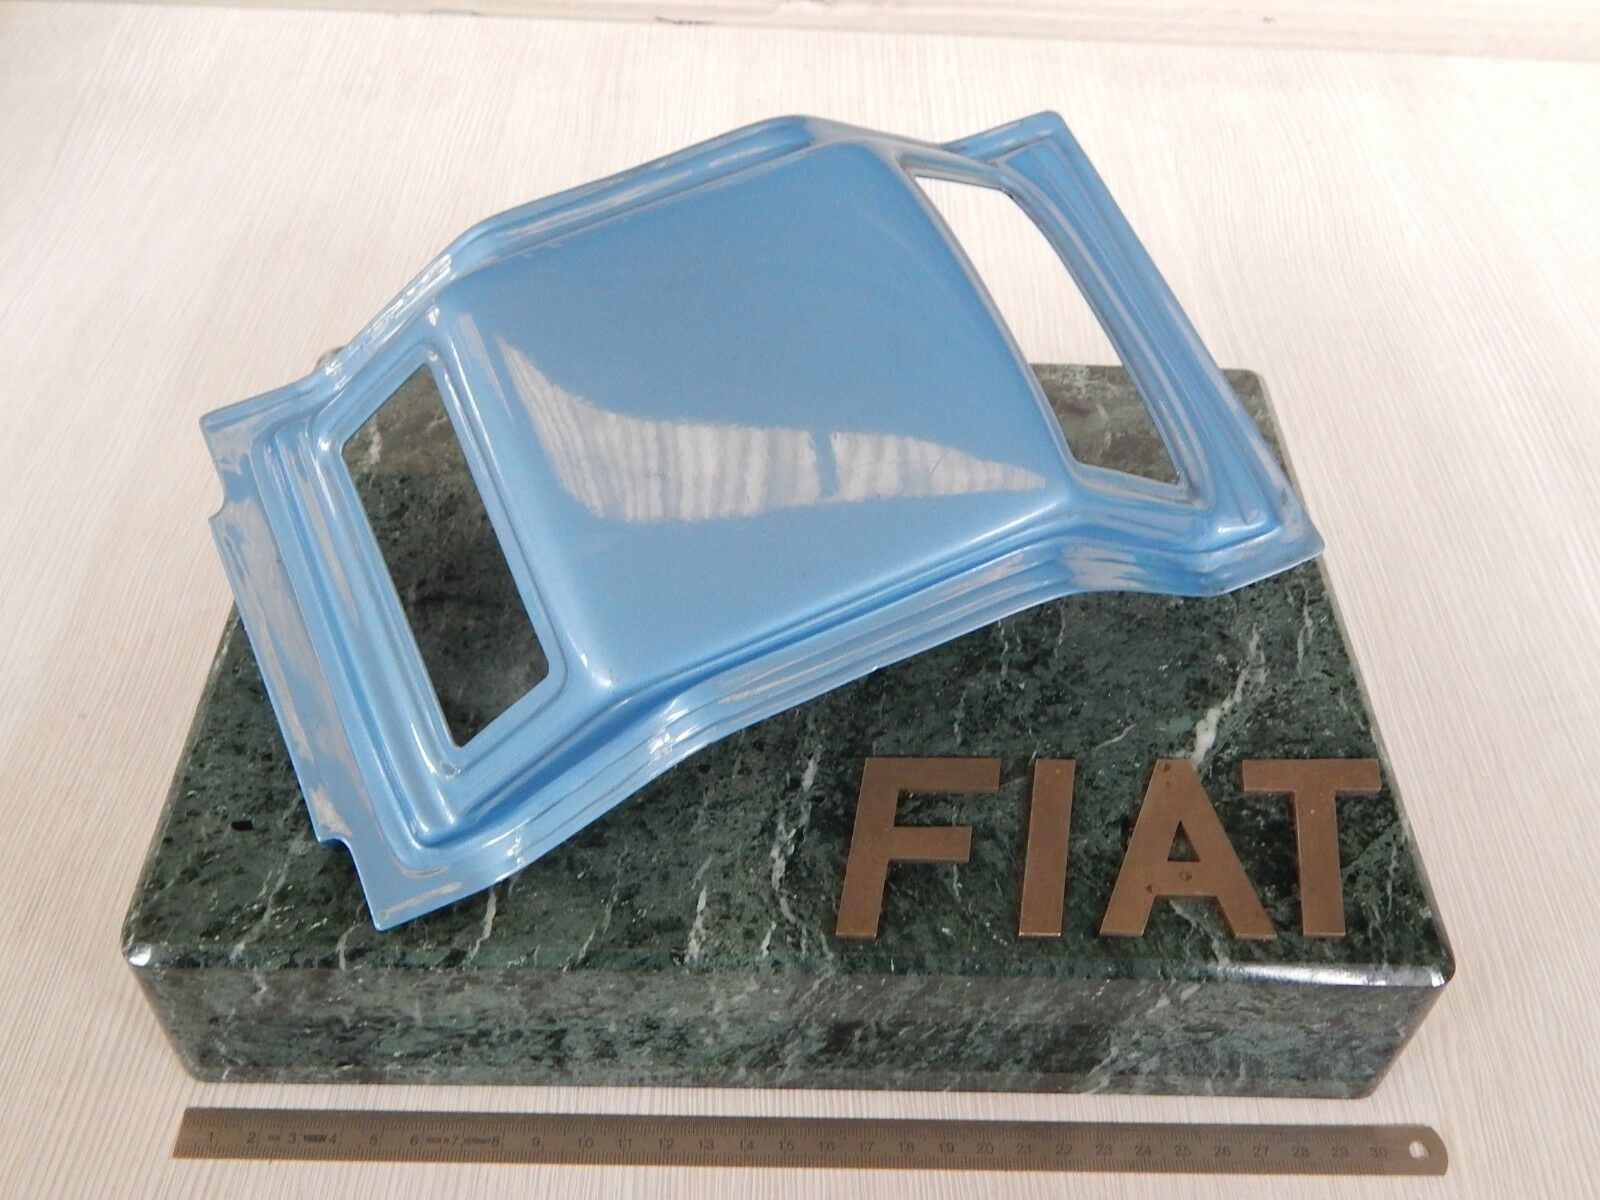 Raro  promozionale stampaggio Fiat anni '70 base in marmo epoca 124 abarth etc